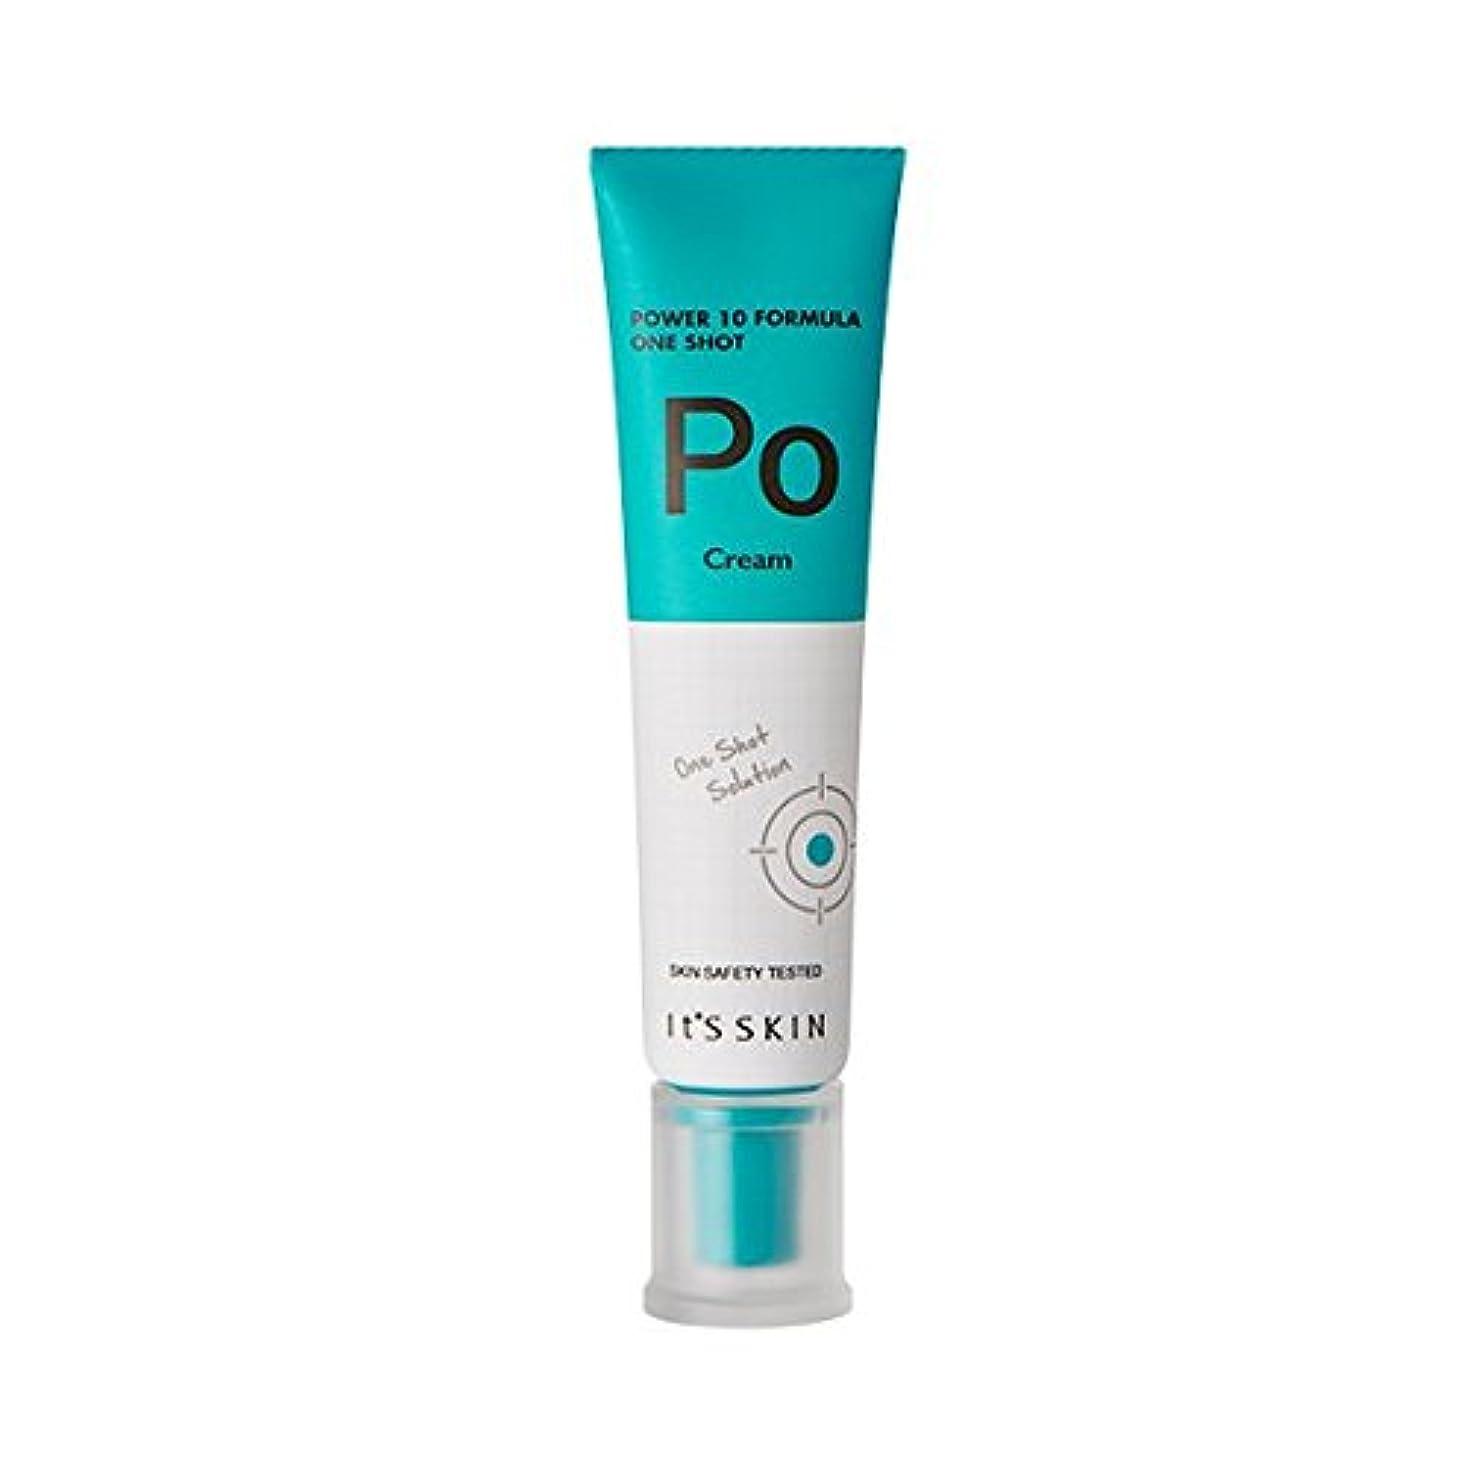 養う農場アジャ[New] It's Skin Power 10 Formula One Shot Cream (Po) / イッツスキンパワー10 フォーミュラワンショットクリーム [並行輸入品]